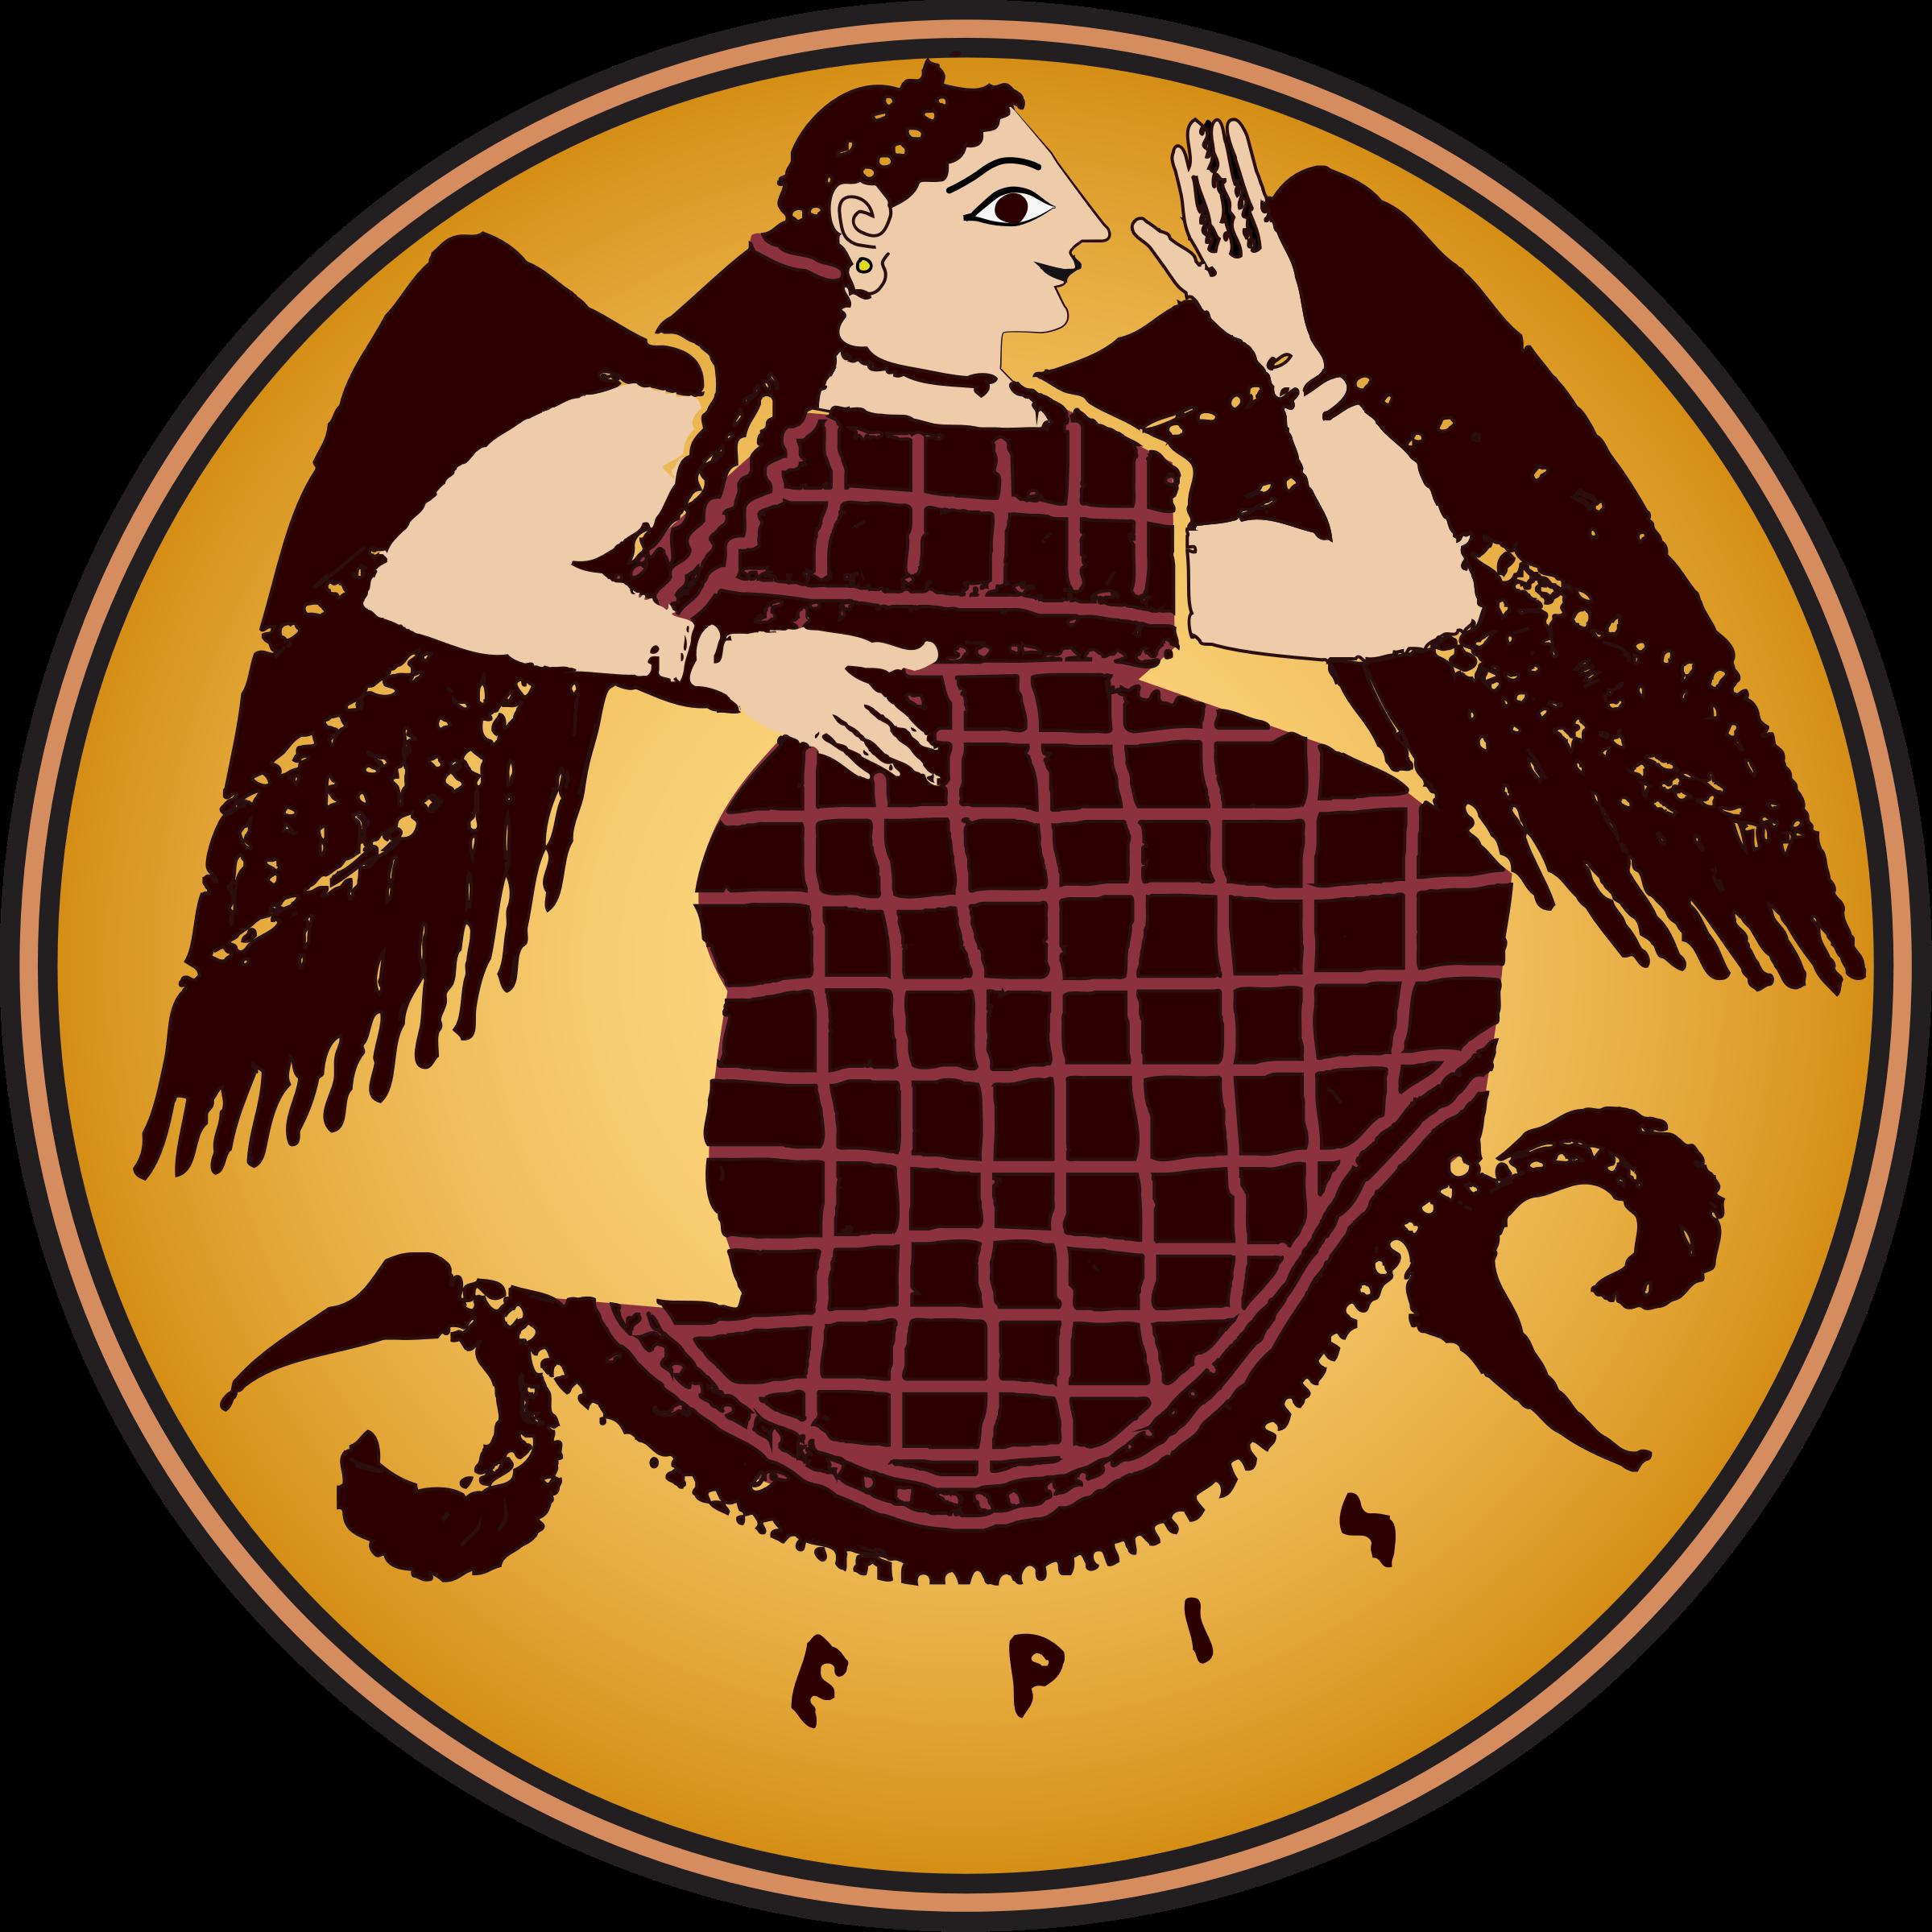 Goddess clipart eris Eris Eris in Clipart color